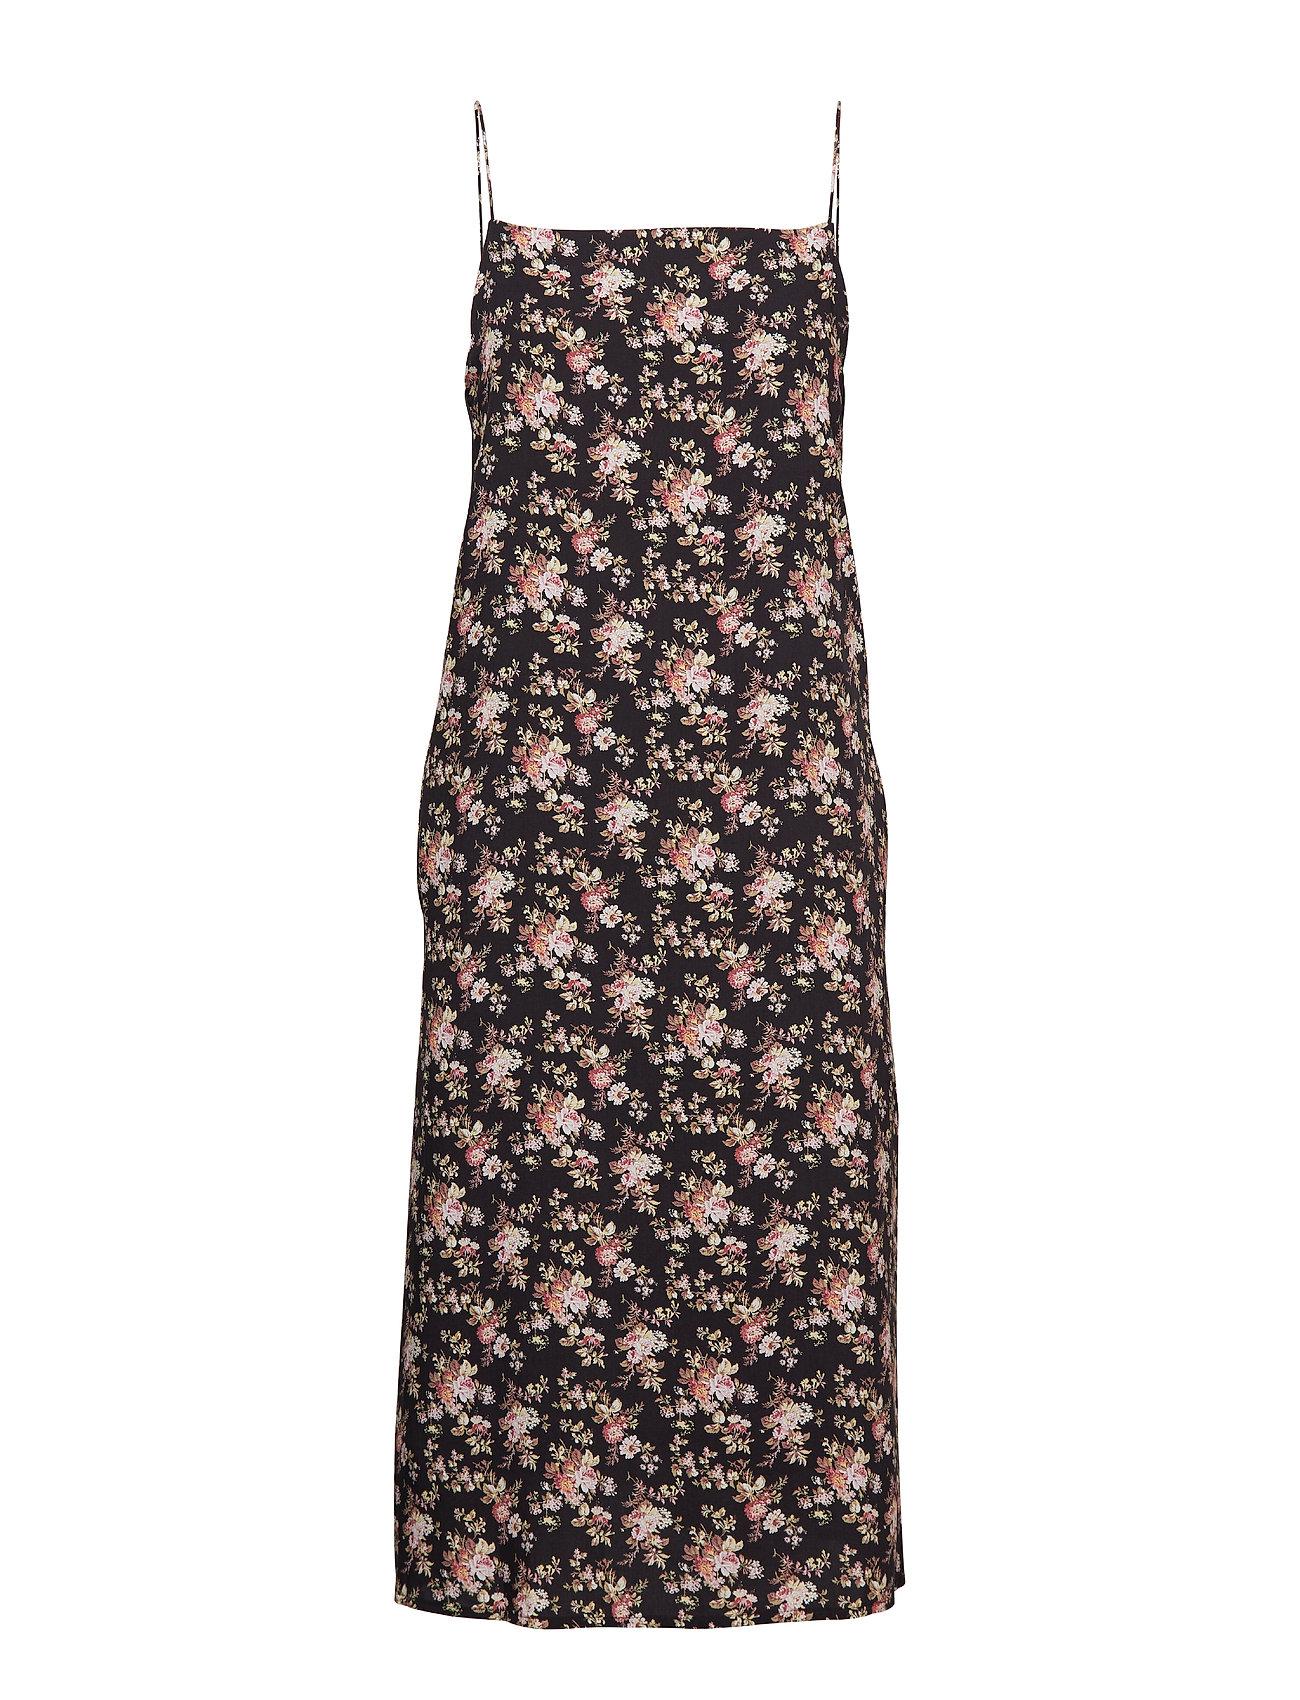 HAN Kjøbenhavn Summer Dress - BLACK FLOWER